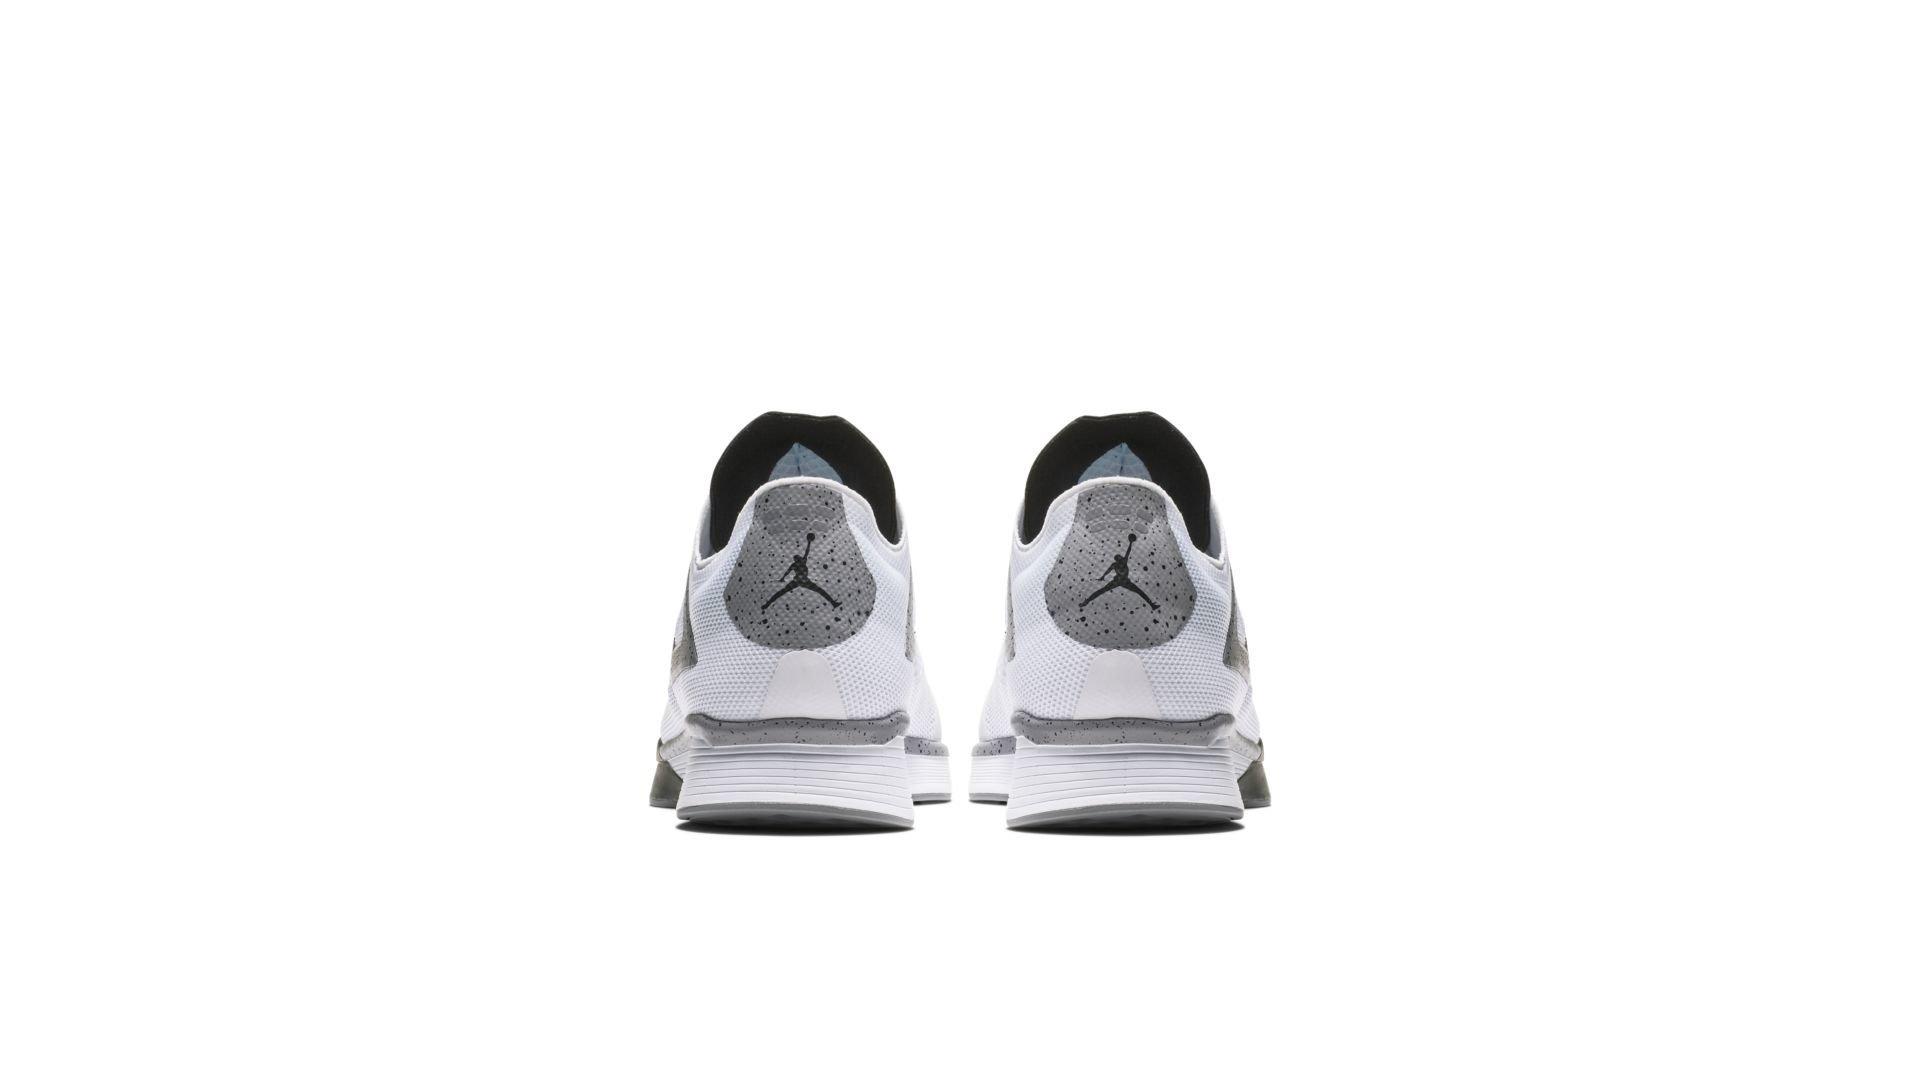 Jordan 89 Racer White Cement (AQ3747-100)